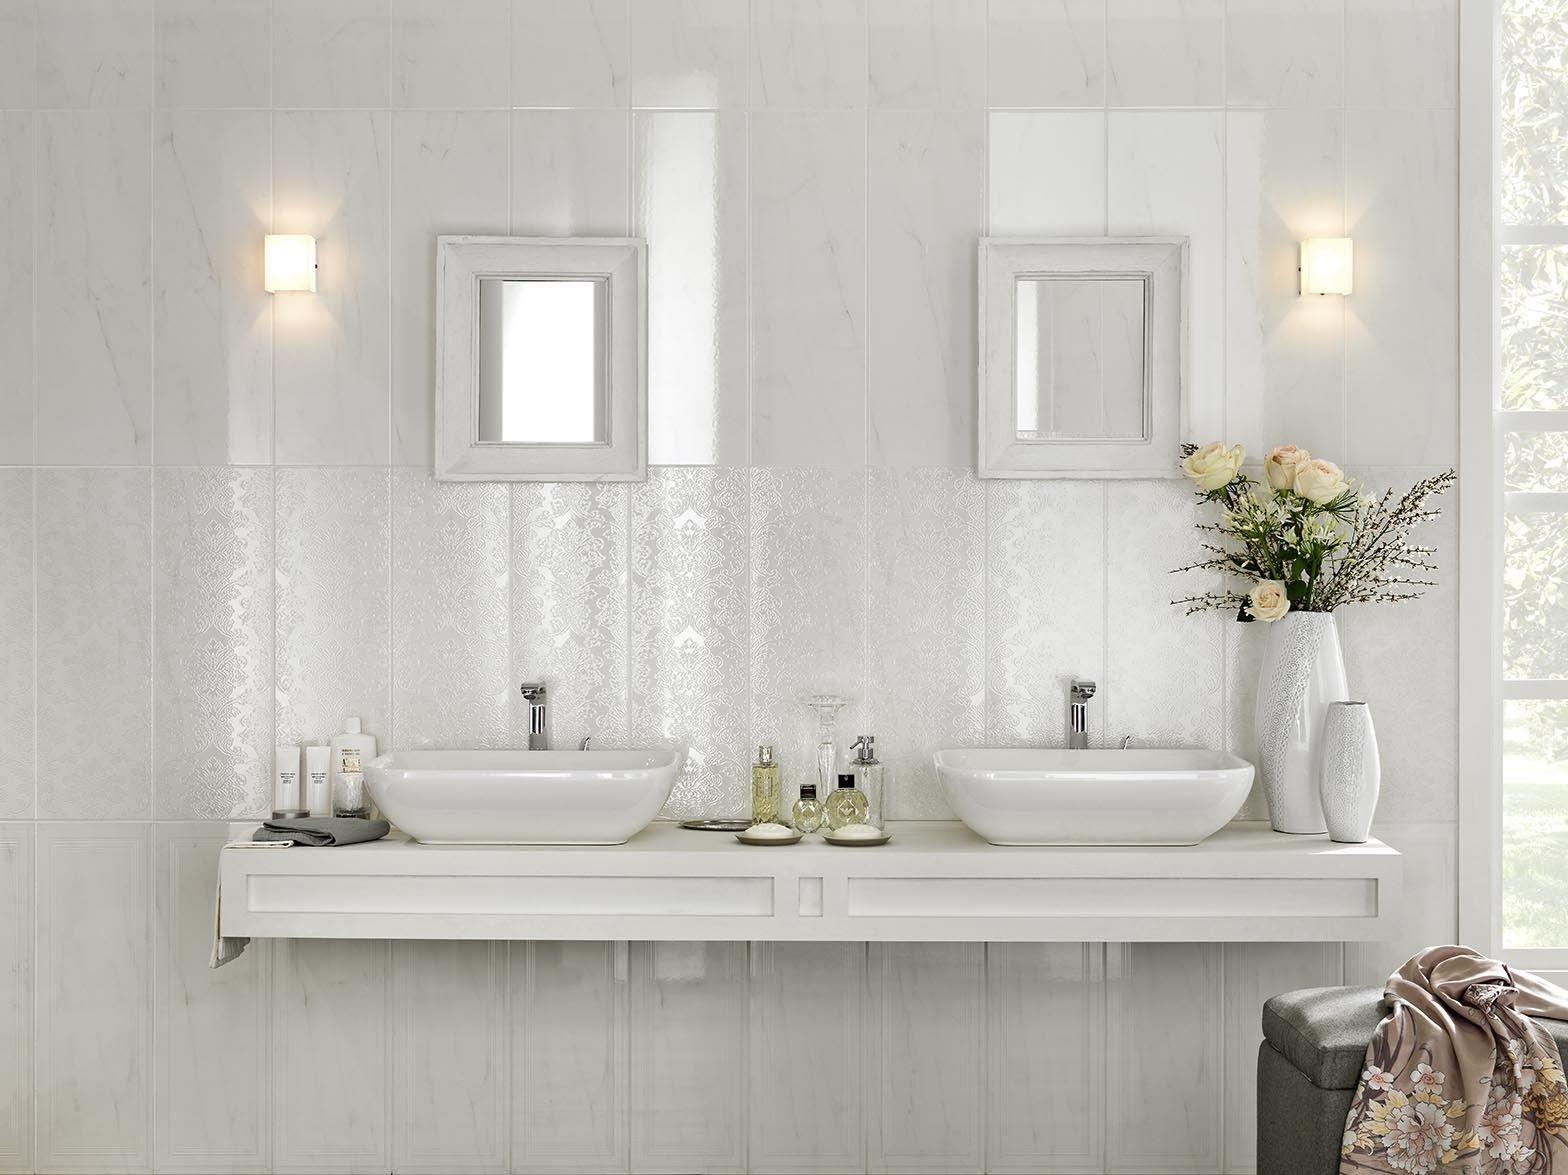 Pavimento rivestimento in gres porcellanato smaltato effetto marmo marbleline by marazzi - Rivestimento bagno effetto marmo ...